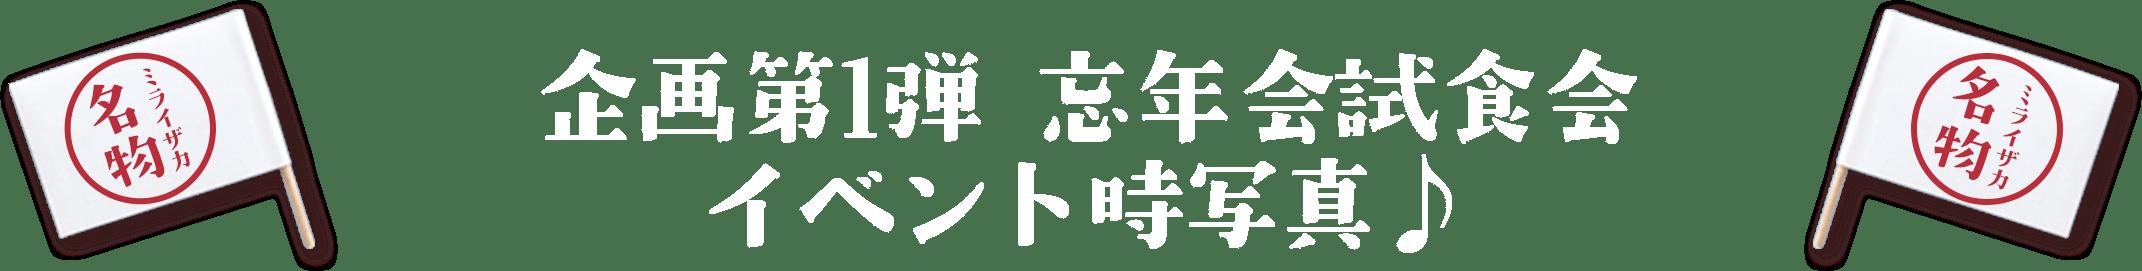 企画第1弾 忘年会試食会♪